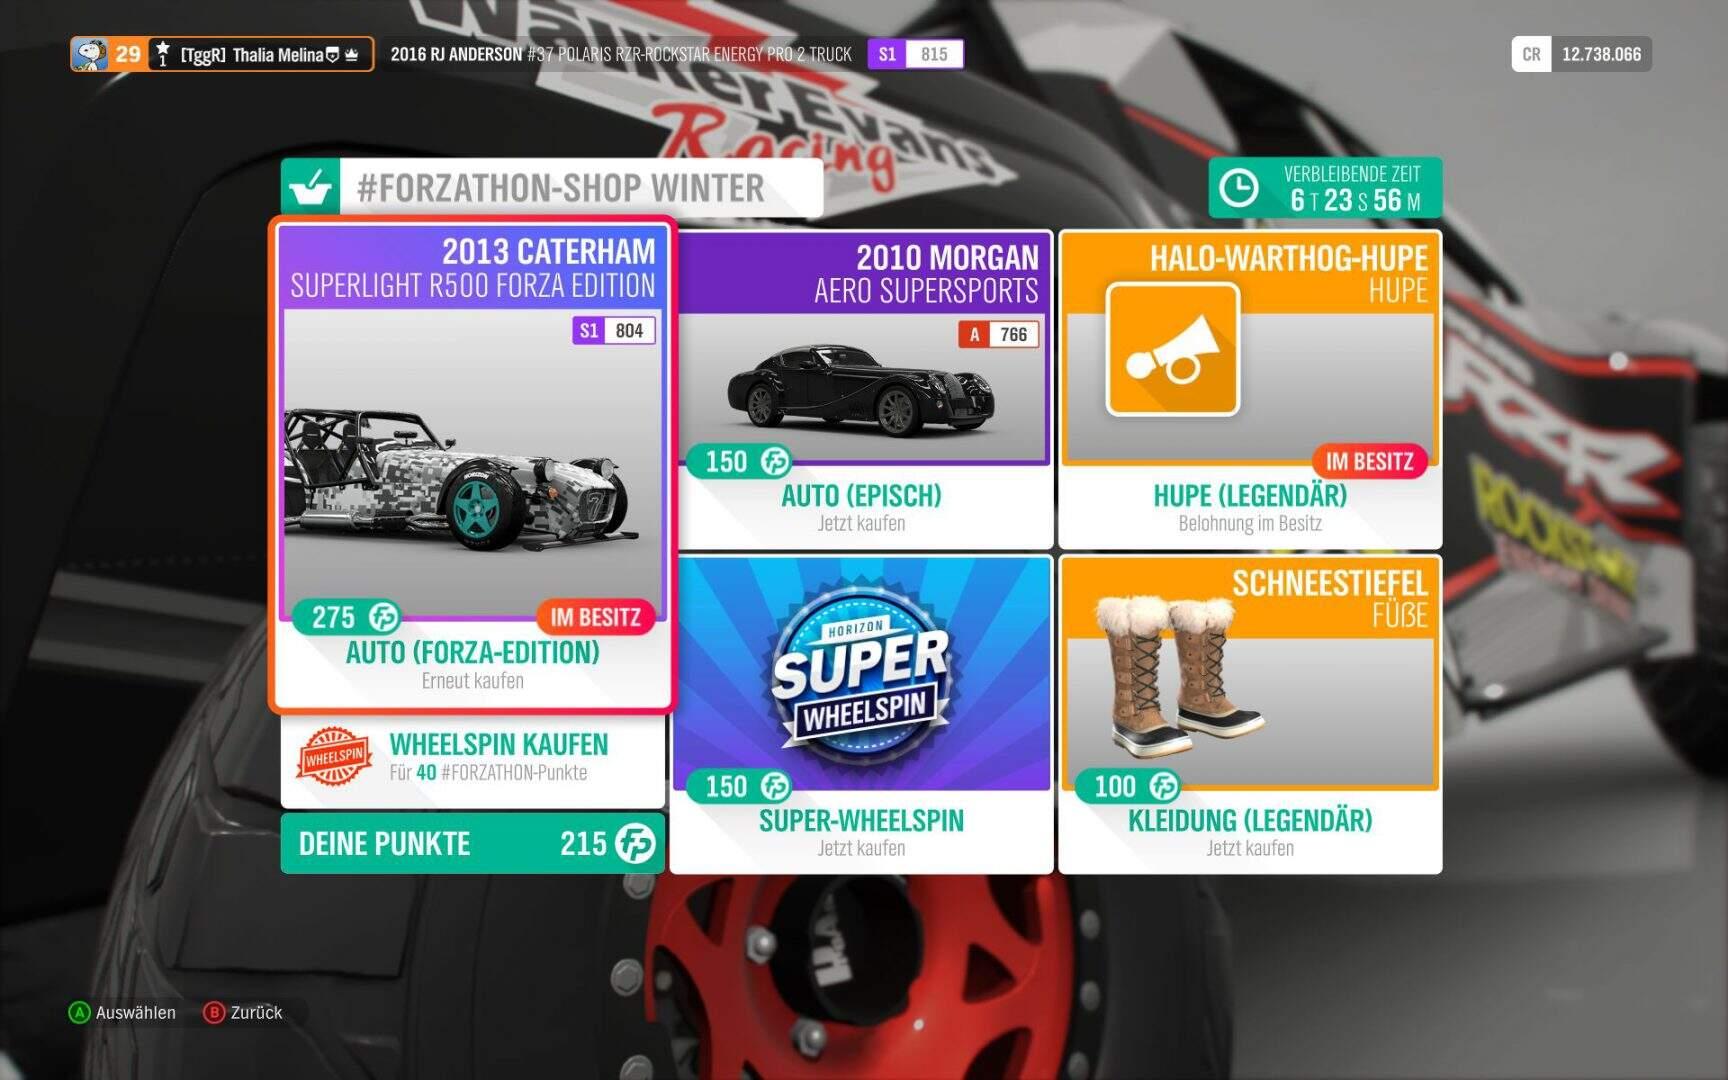 Forza Horizon 4 Forzathon-Shop KW 01 2019